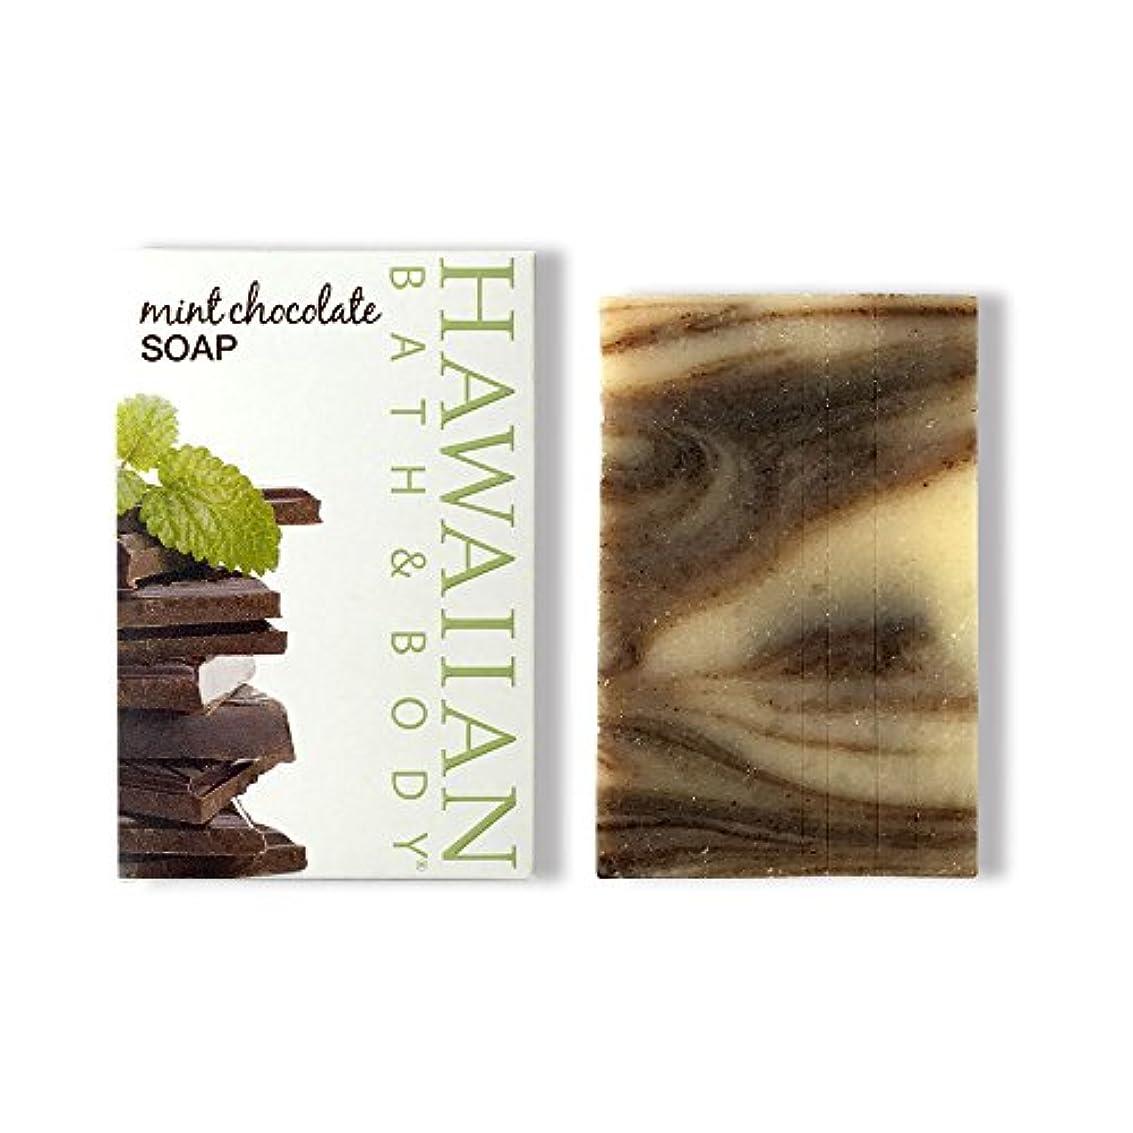 リダクター練習した争うハワイアンバス&ボディ ハワイアン?ミントチョコレートソープ ( Hawaii Mint Chocolate Soap )